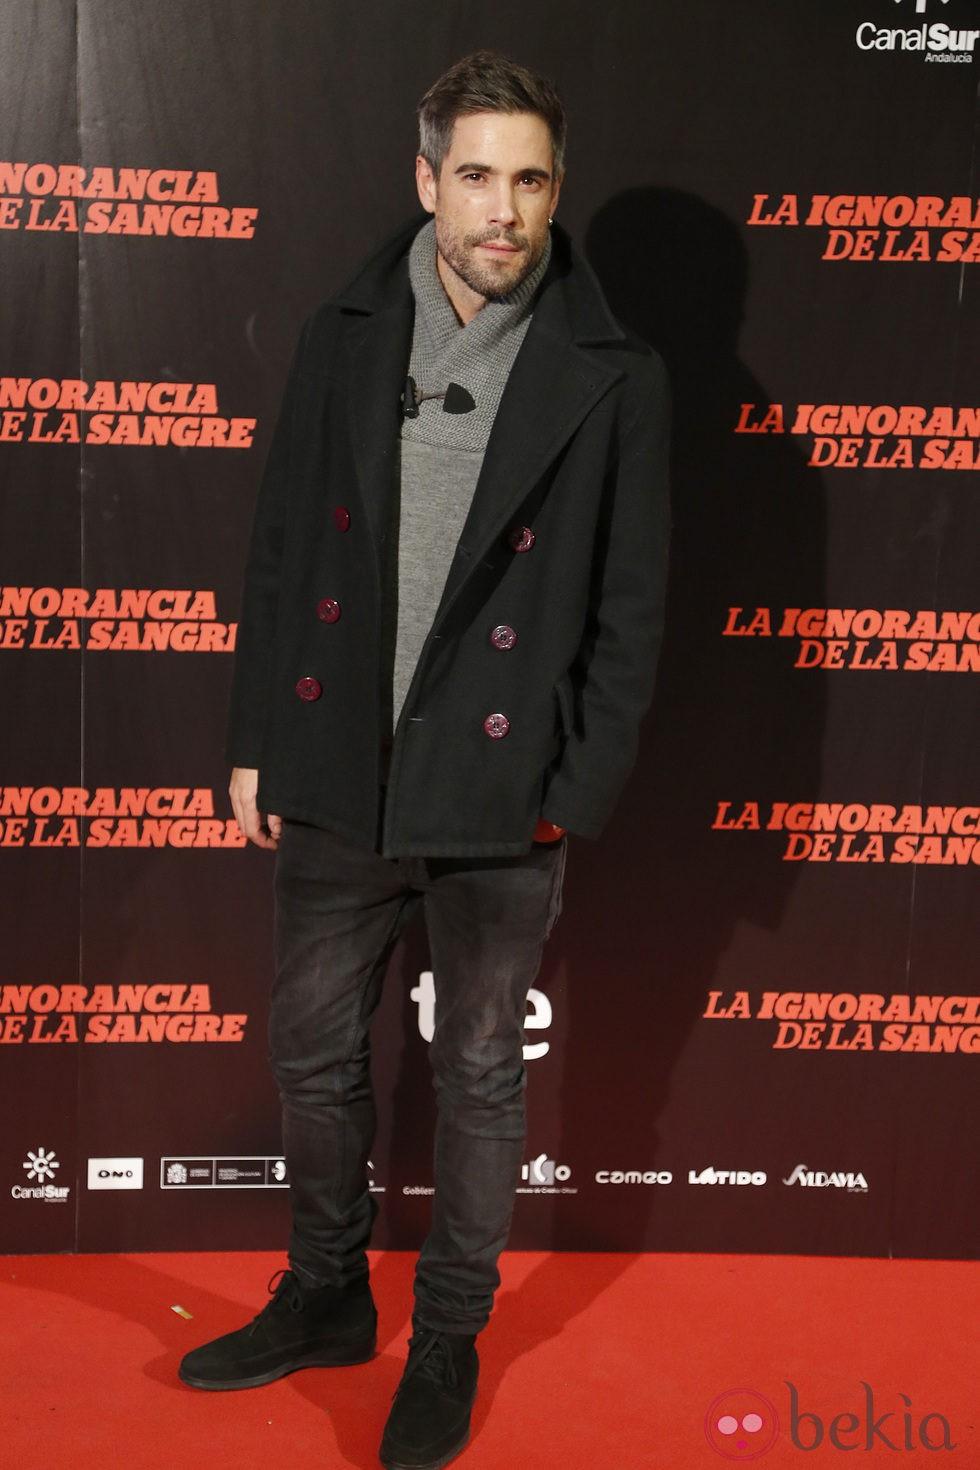 Unax Ugalde en el estreno de 'La ignorancia de la sangre' en Madrid